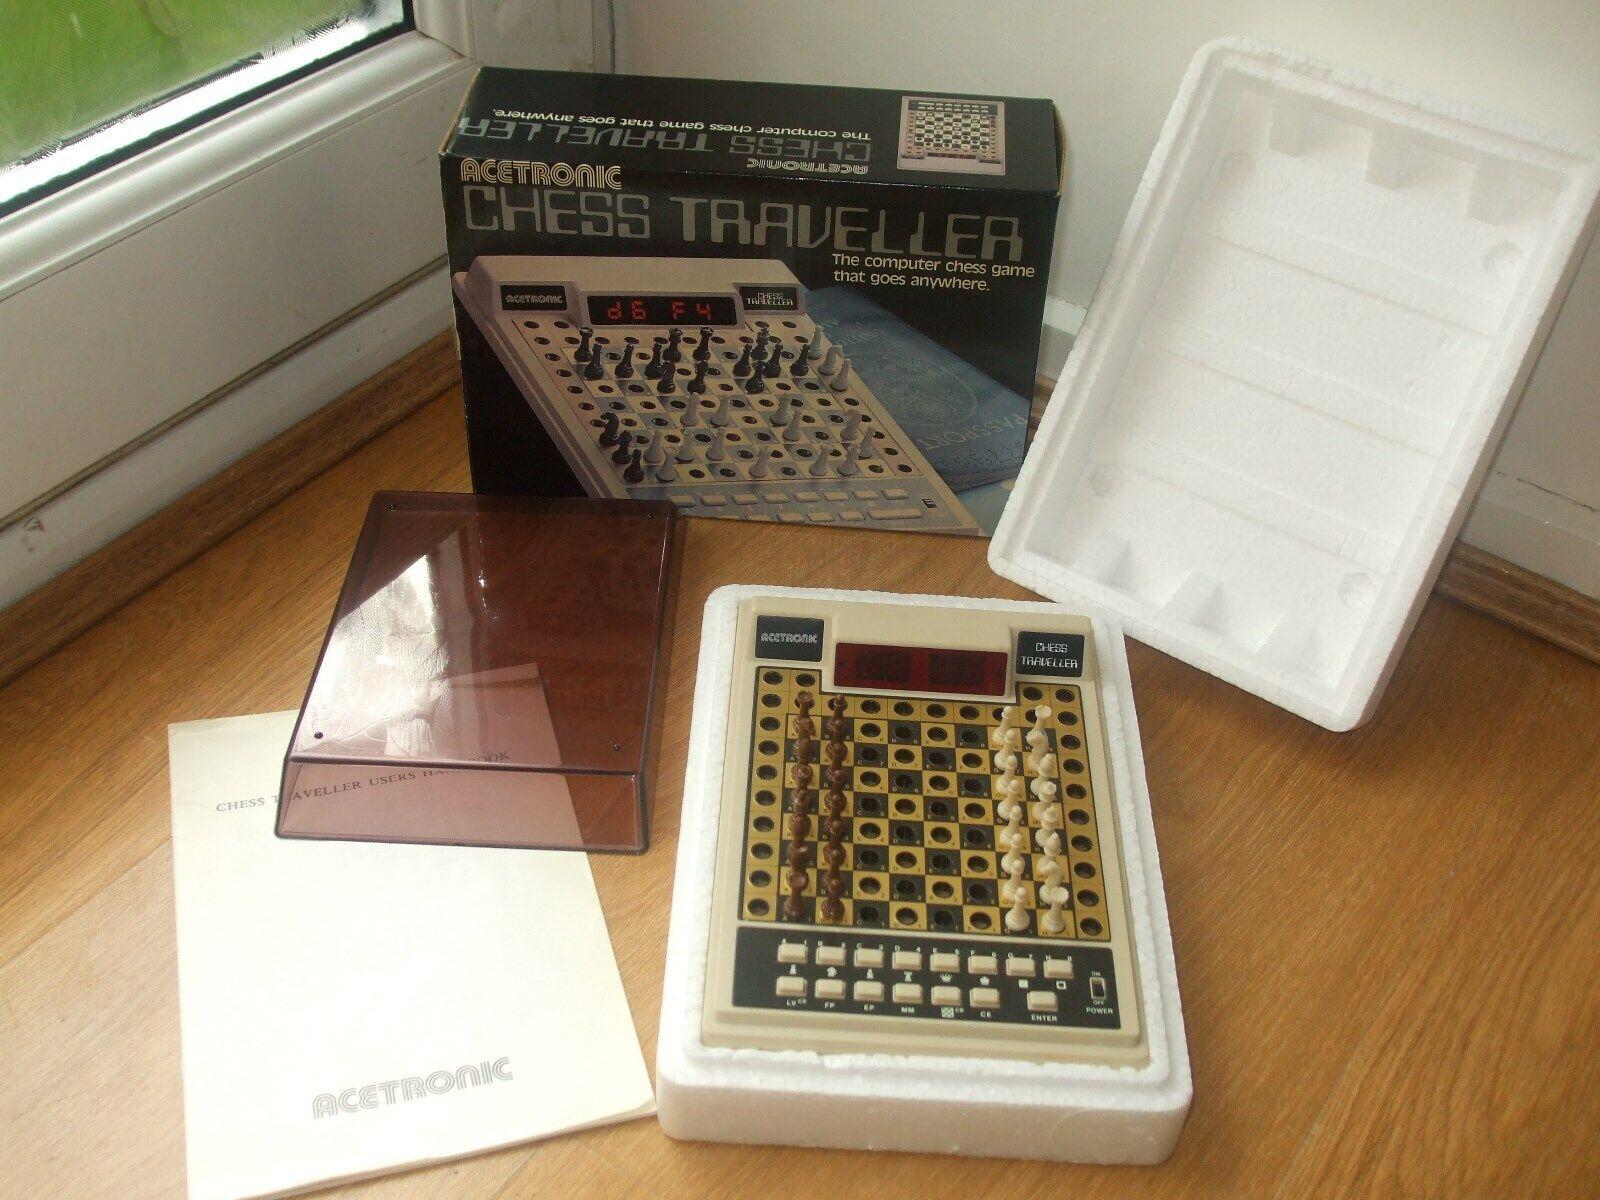 Nueva computadora de ajedrez viajero década de 1970 ACETRONIC juego de ajedrez 100% completado y trabajo